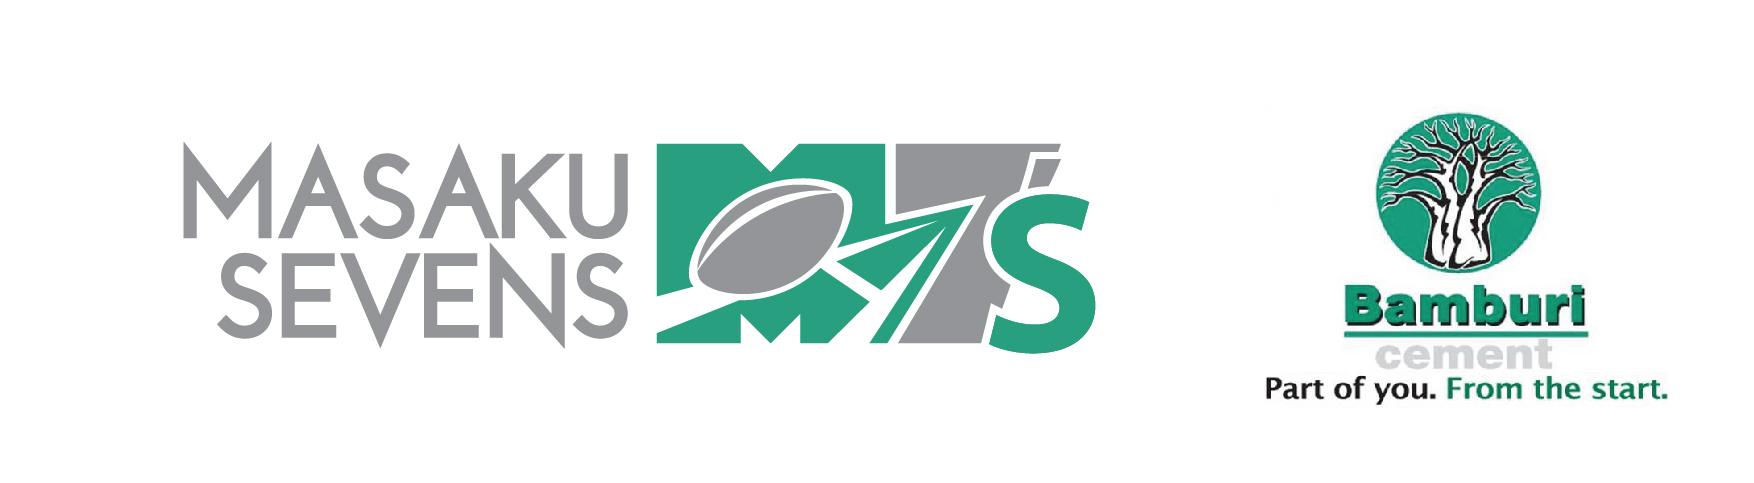 Masaku Sevens Logo 1-05